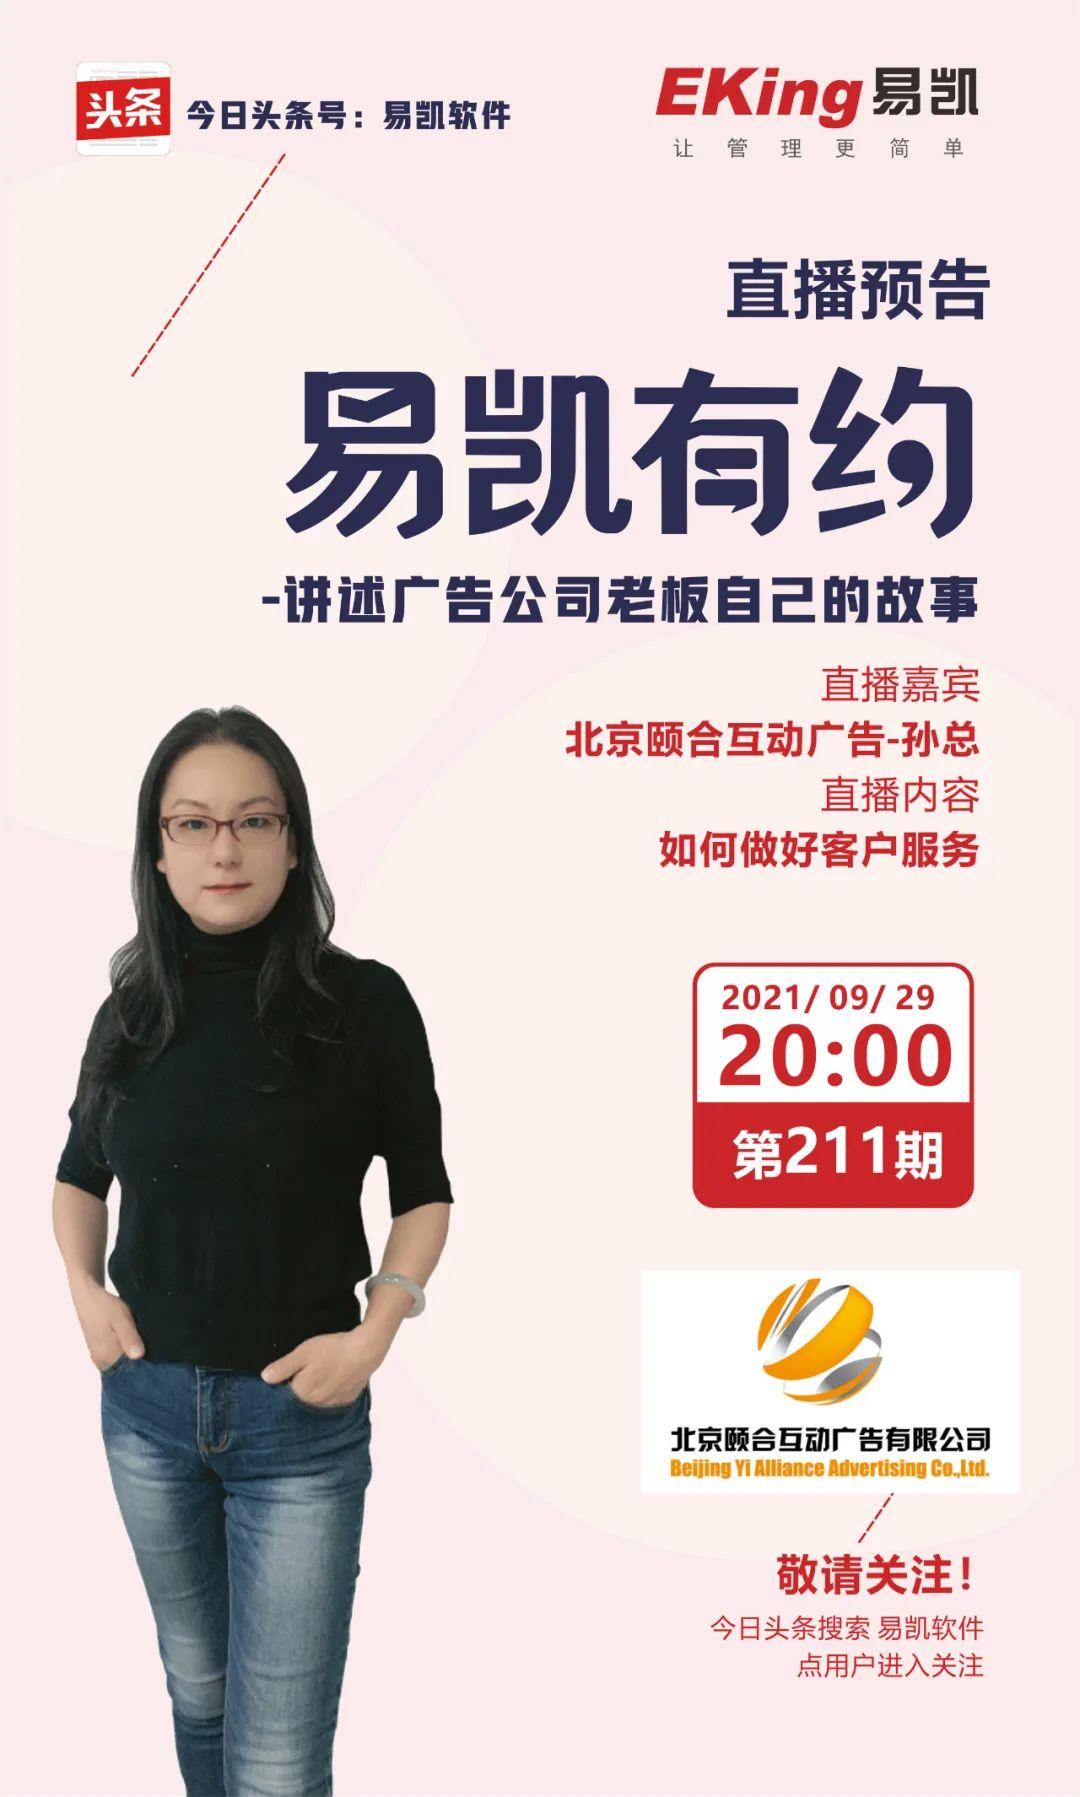 如何做好客户服务——北京颐合互动广告孙总